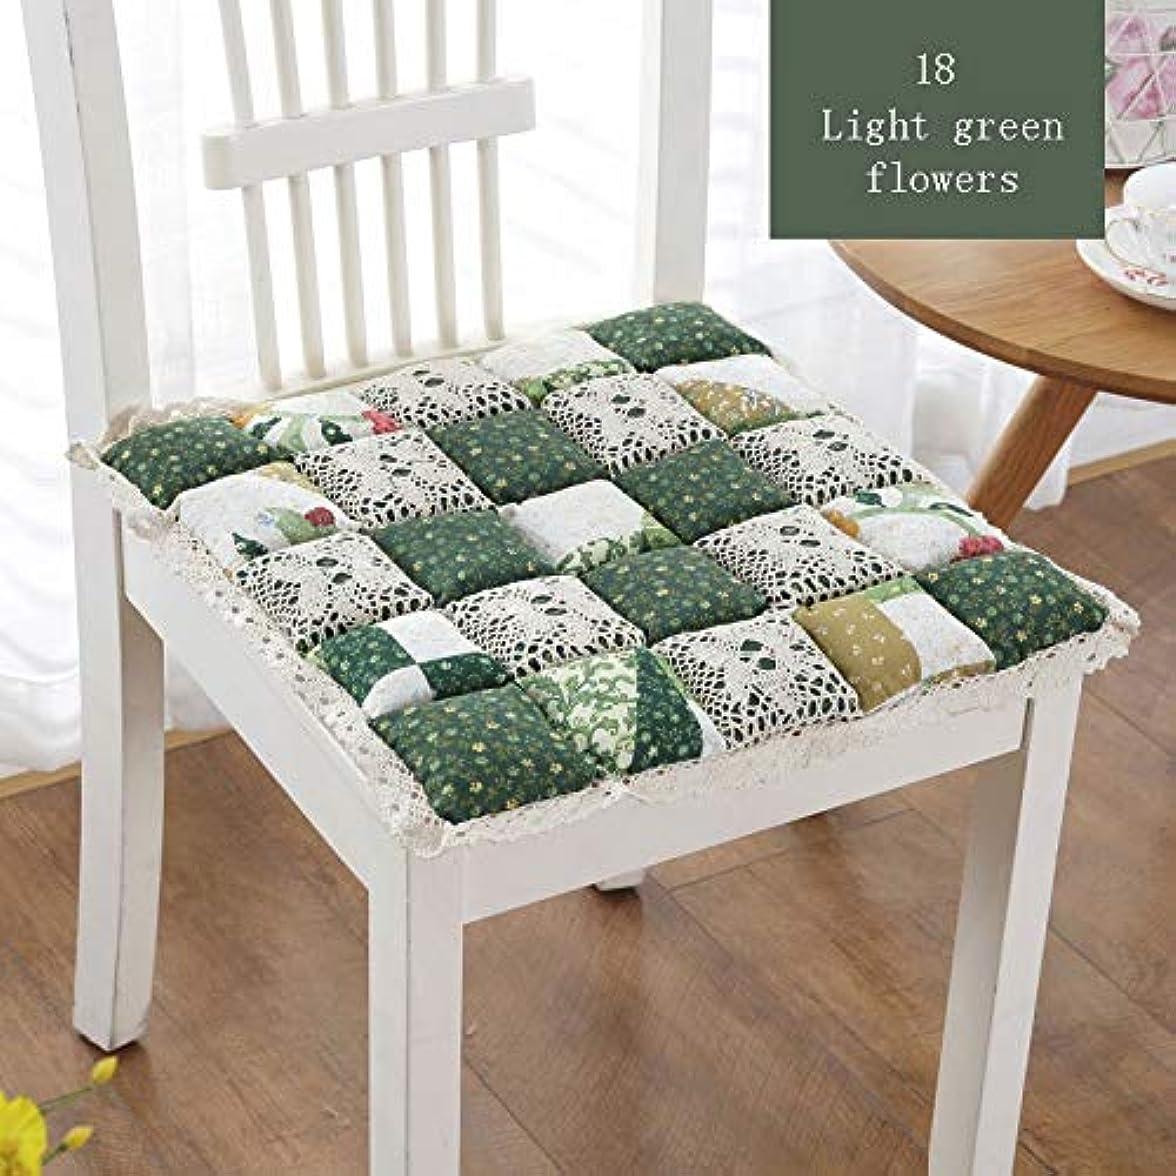 鷹大工健全LIFE 1 個抗褥瘡綿椅子クッション 24 色ファッションオフィス正方形クッション学生チェアクッション家の装飾厚み クッション 椅子